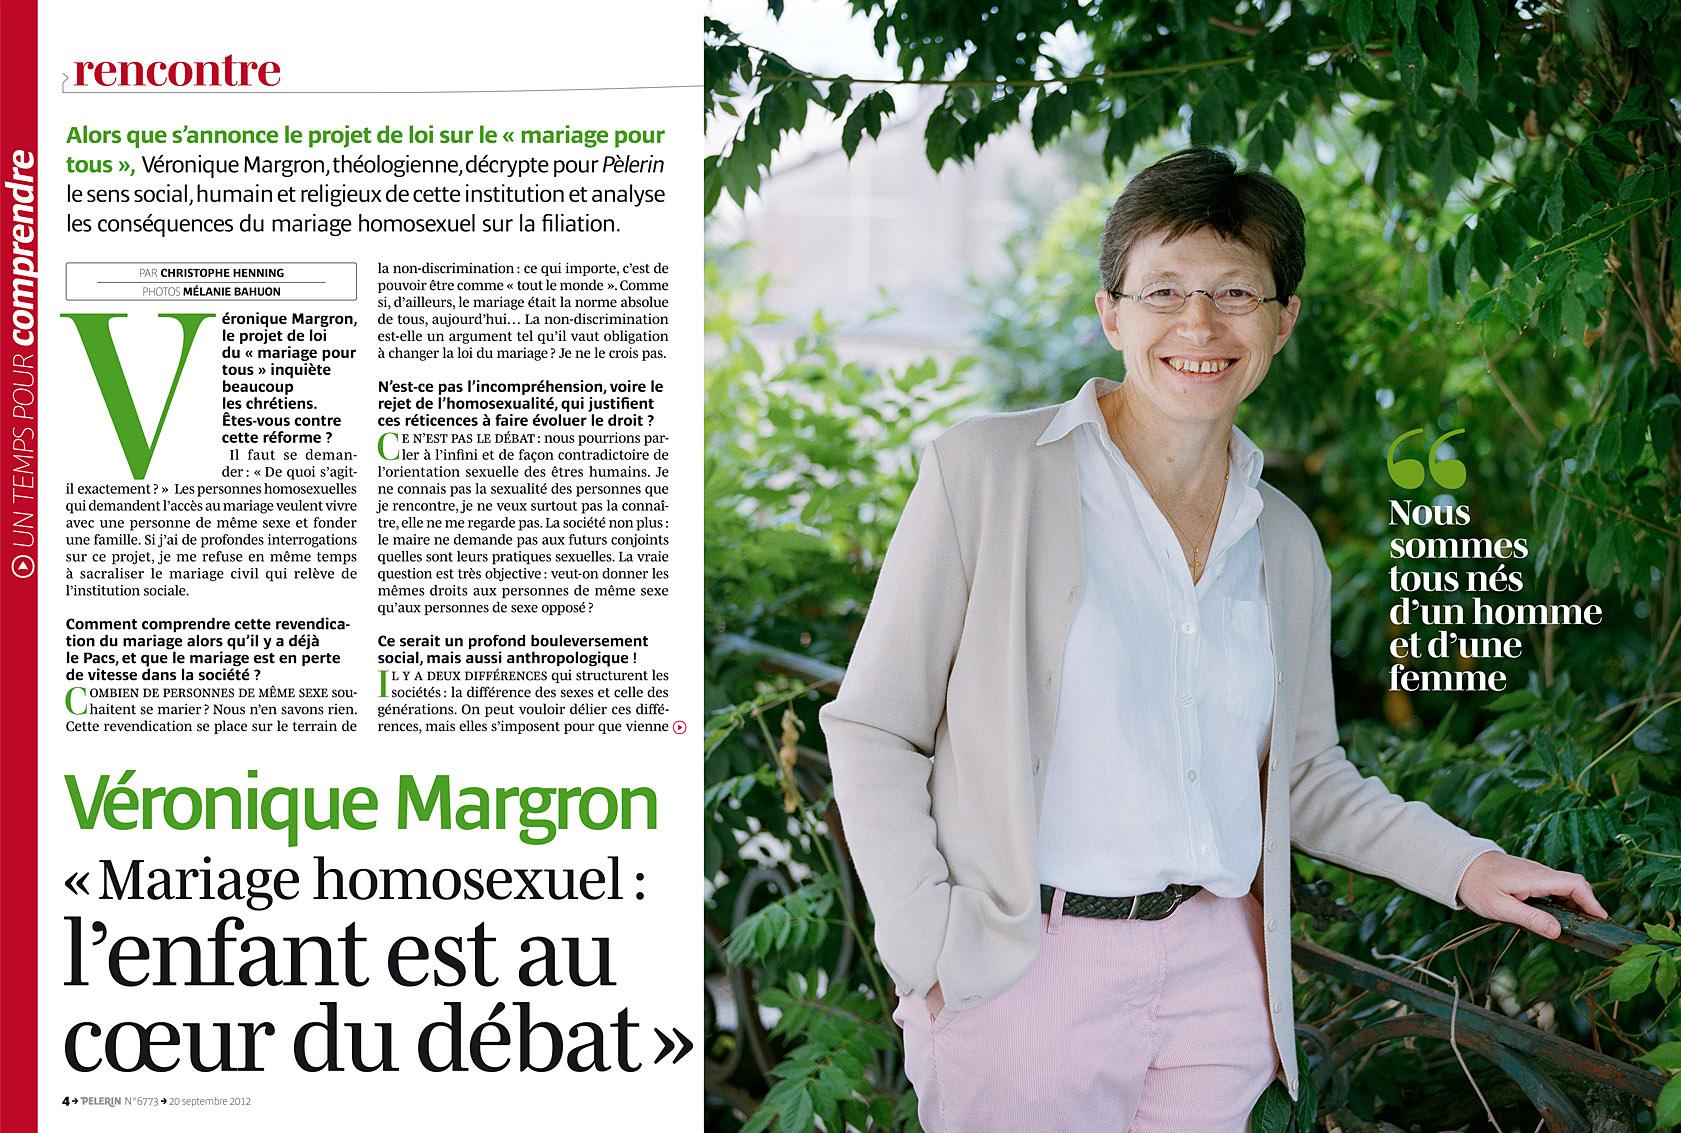 Véronique Margron, Pèlerin du 20 septembre 2012.